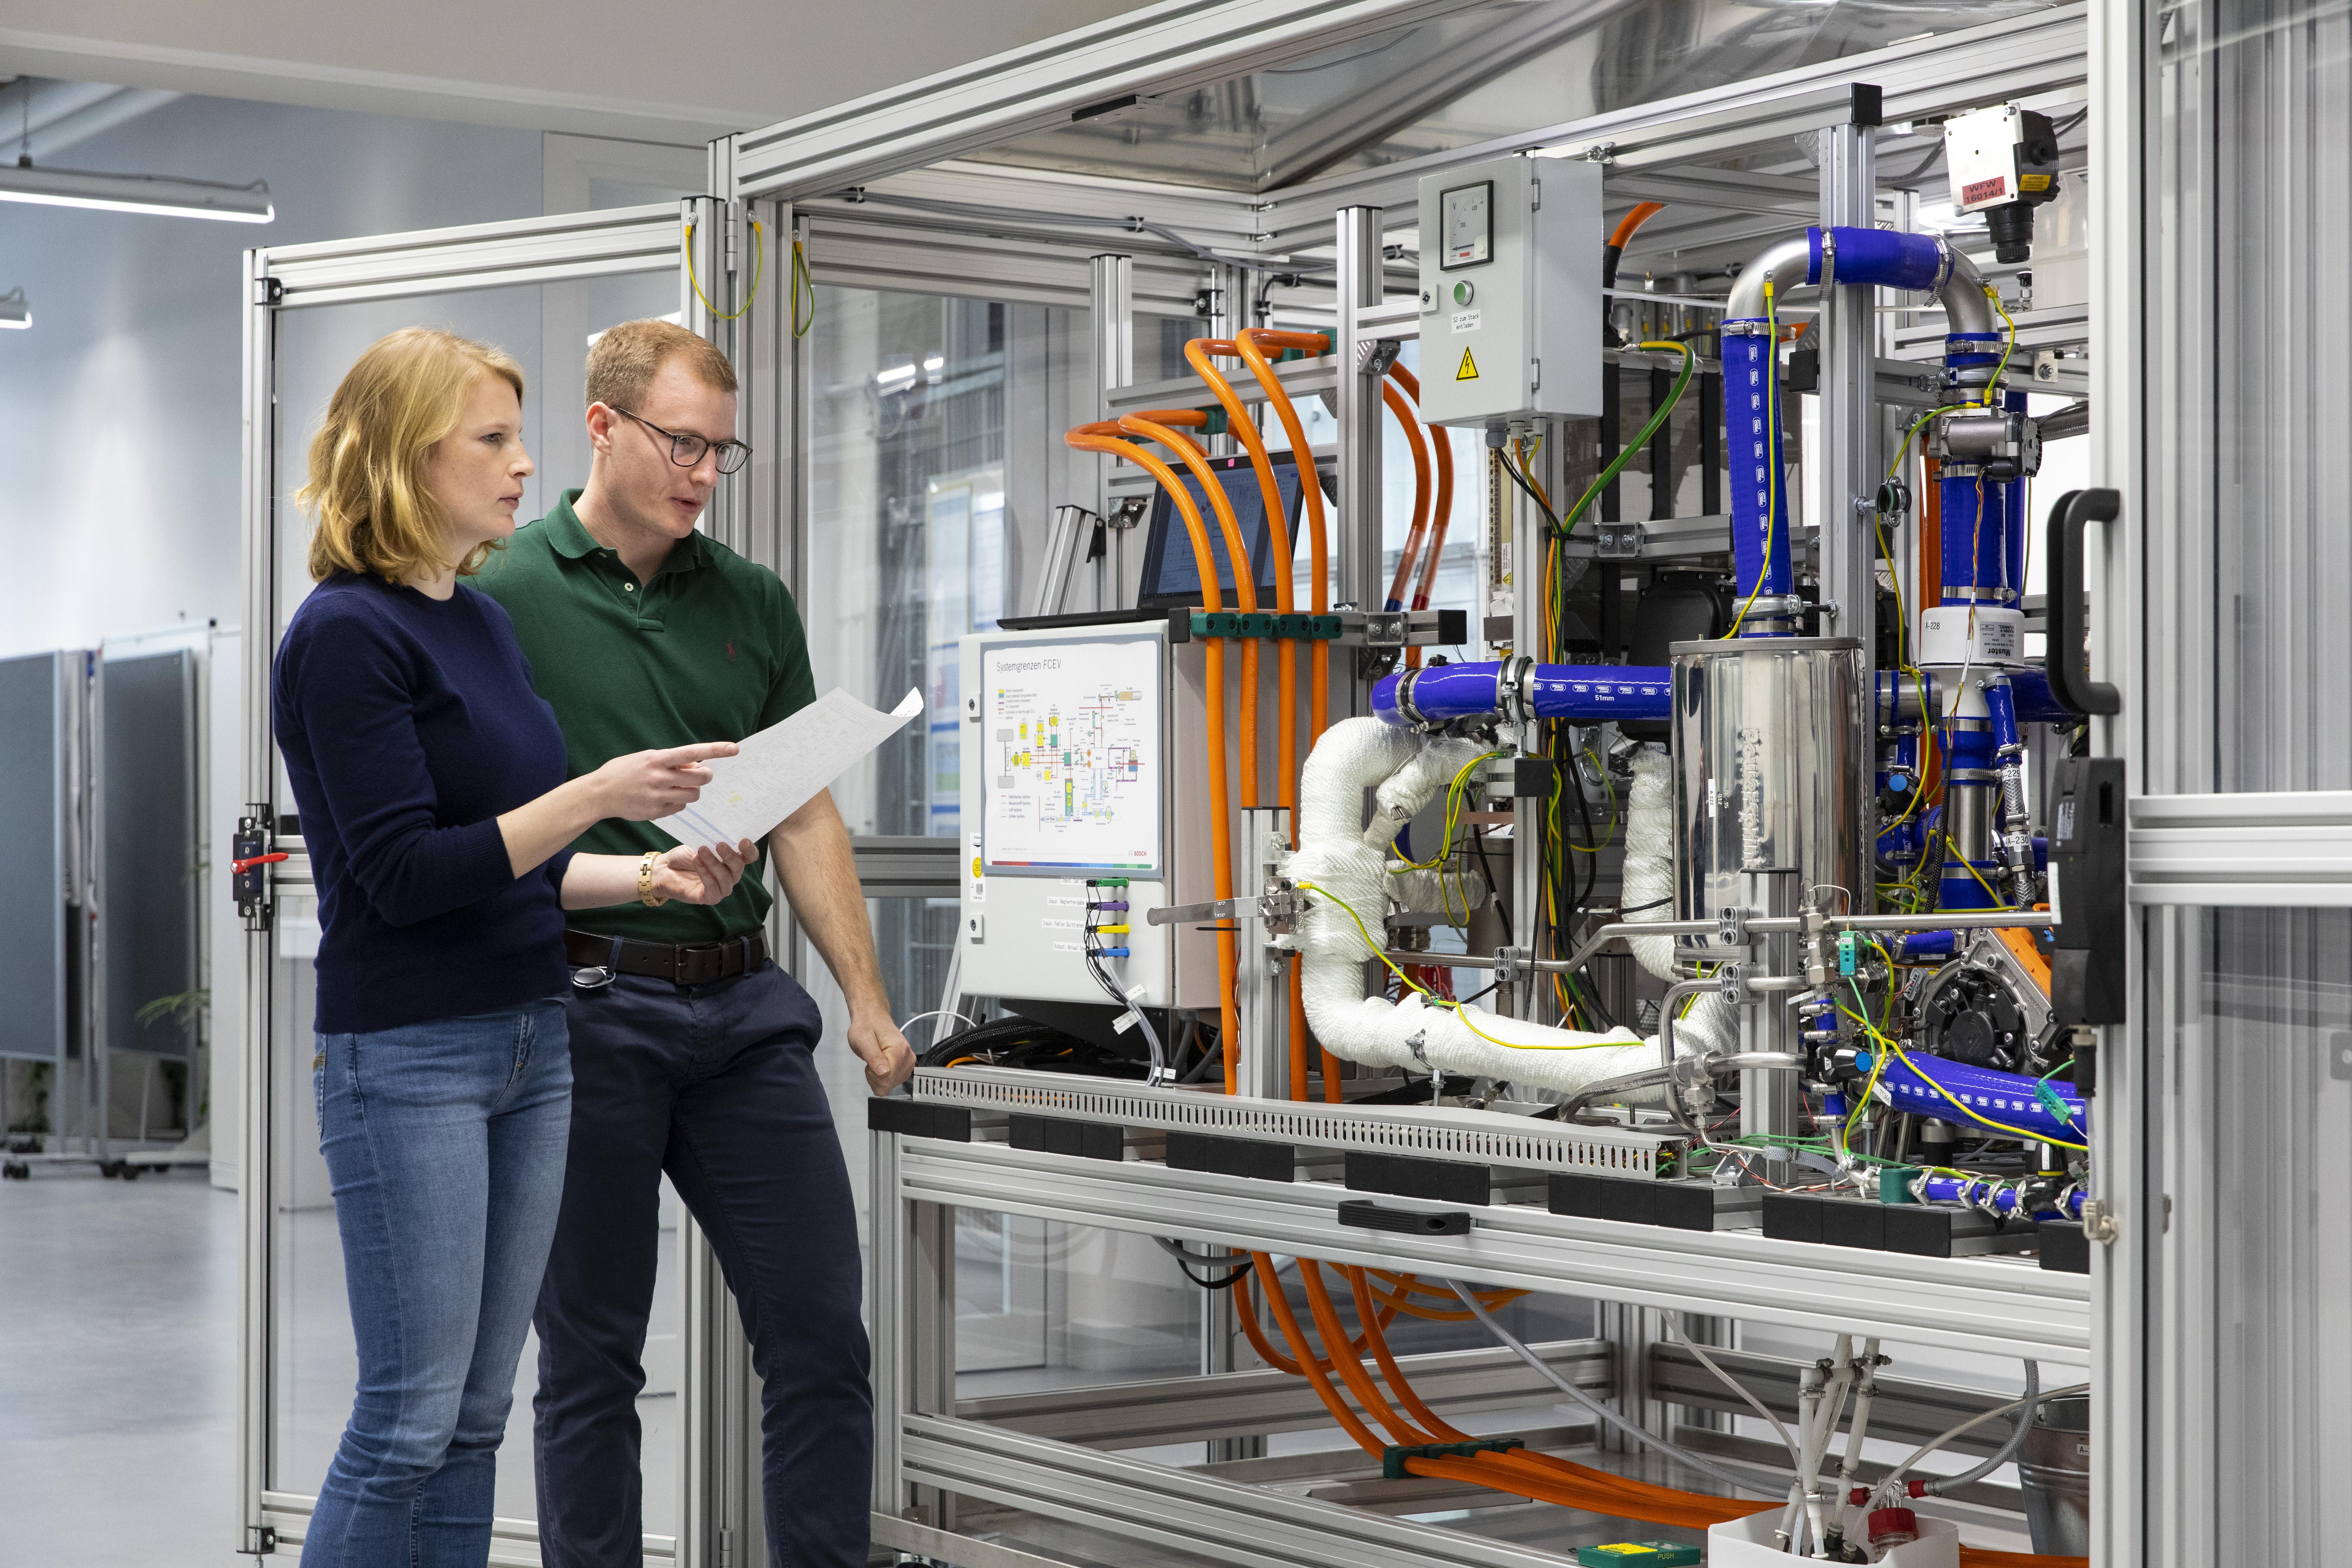 Společnost Bosch spolupracuje na velkoobjemové výrobě palivových článků pro nákladní automobily a automobily